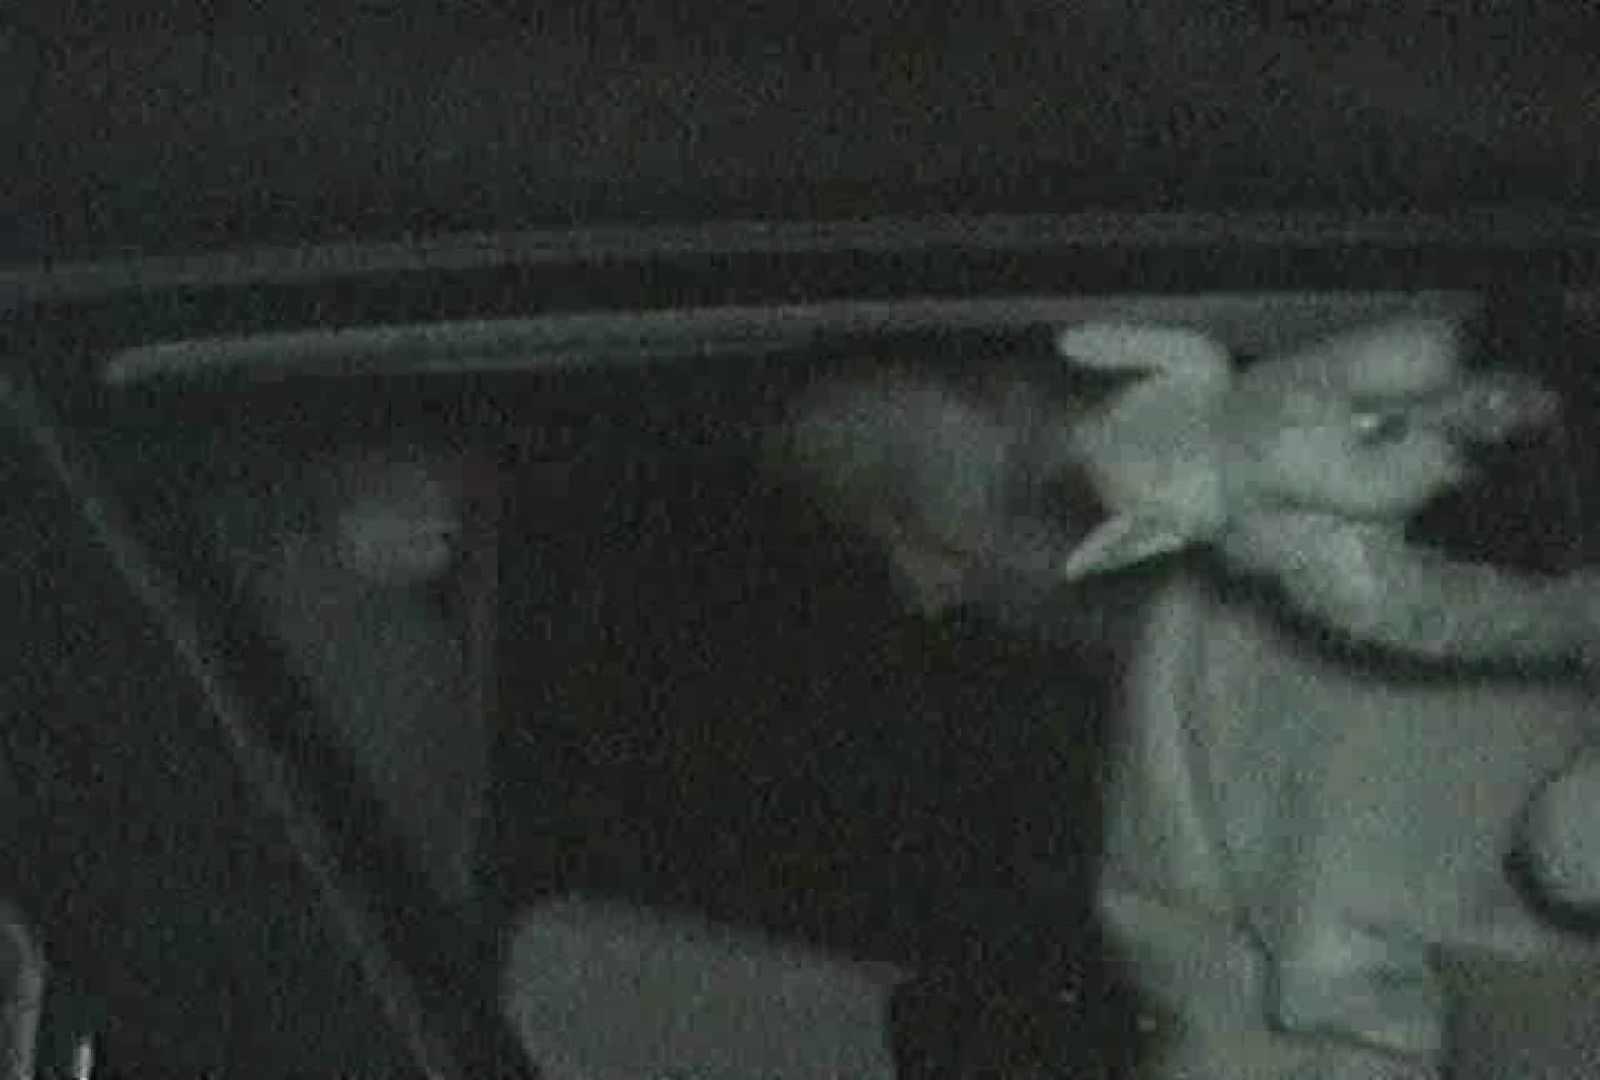 充血監督の深夜の運動会Vol.92 エロティックなOL オマンコ無修正動画無料 82画像 26